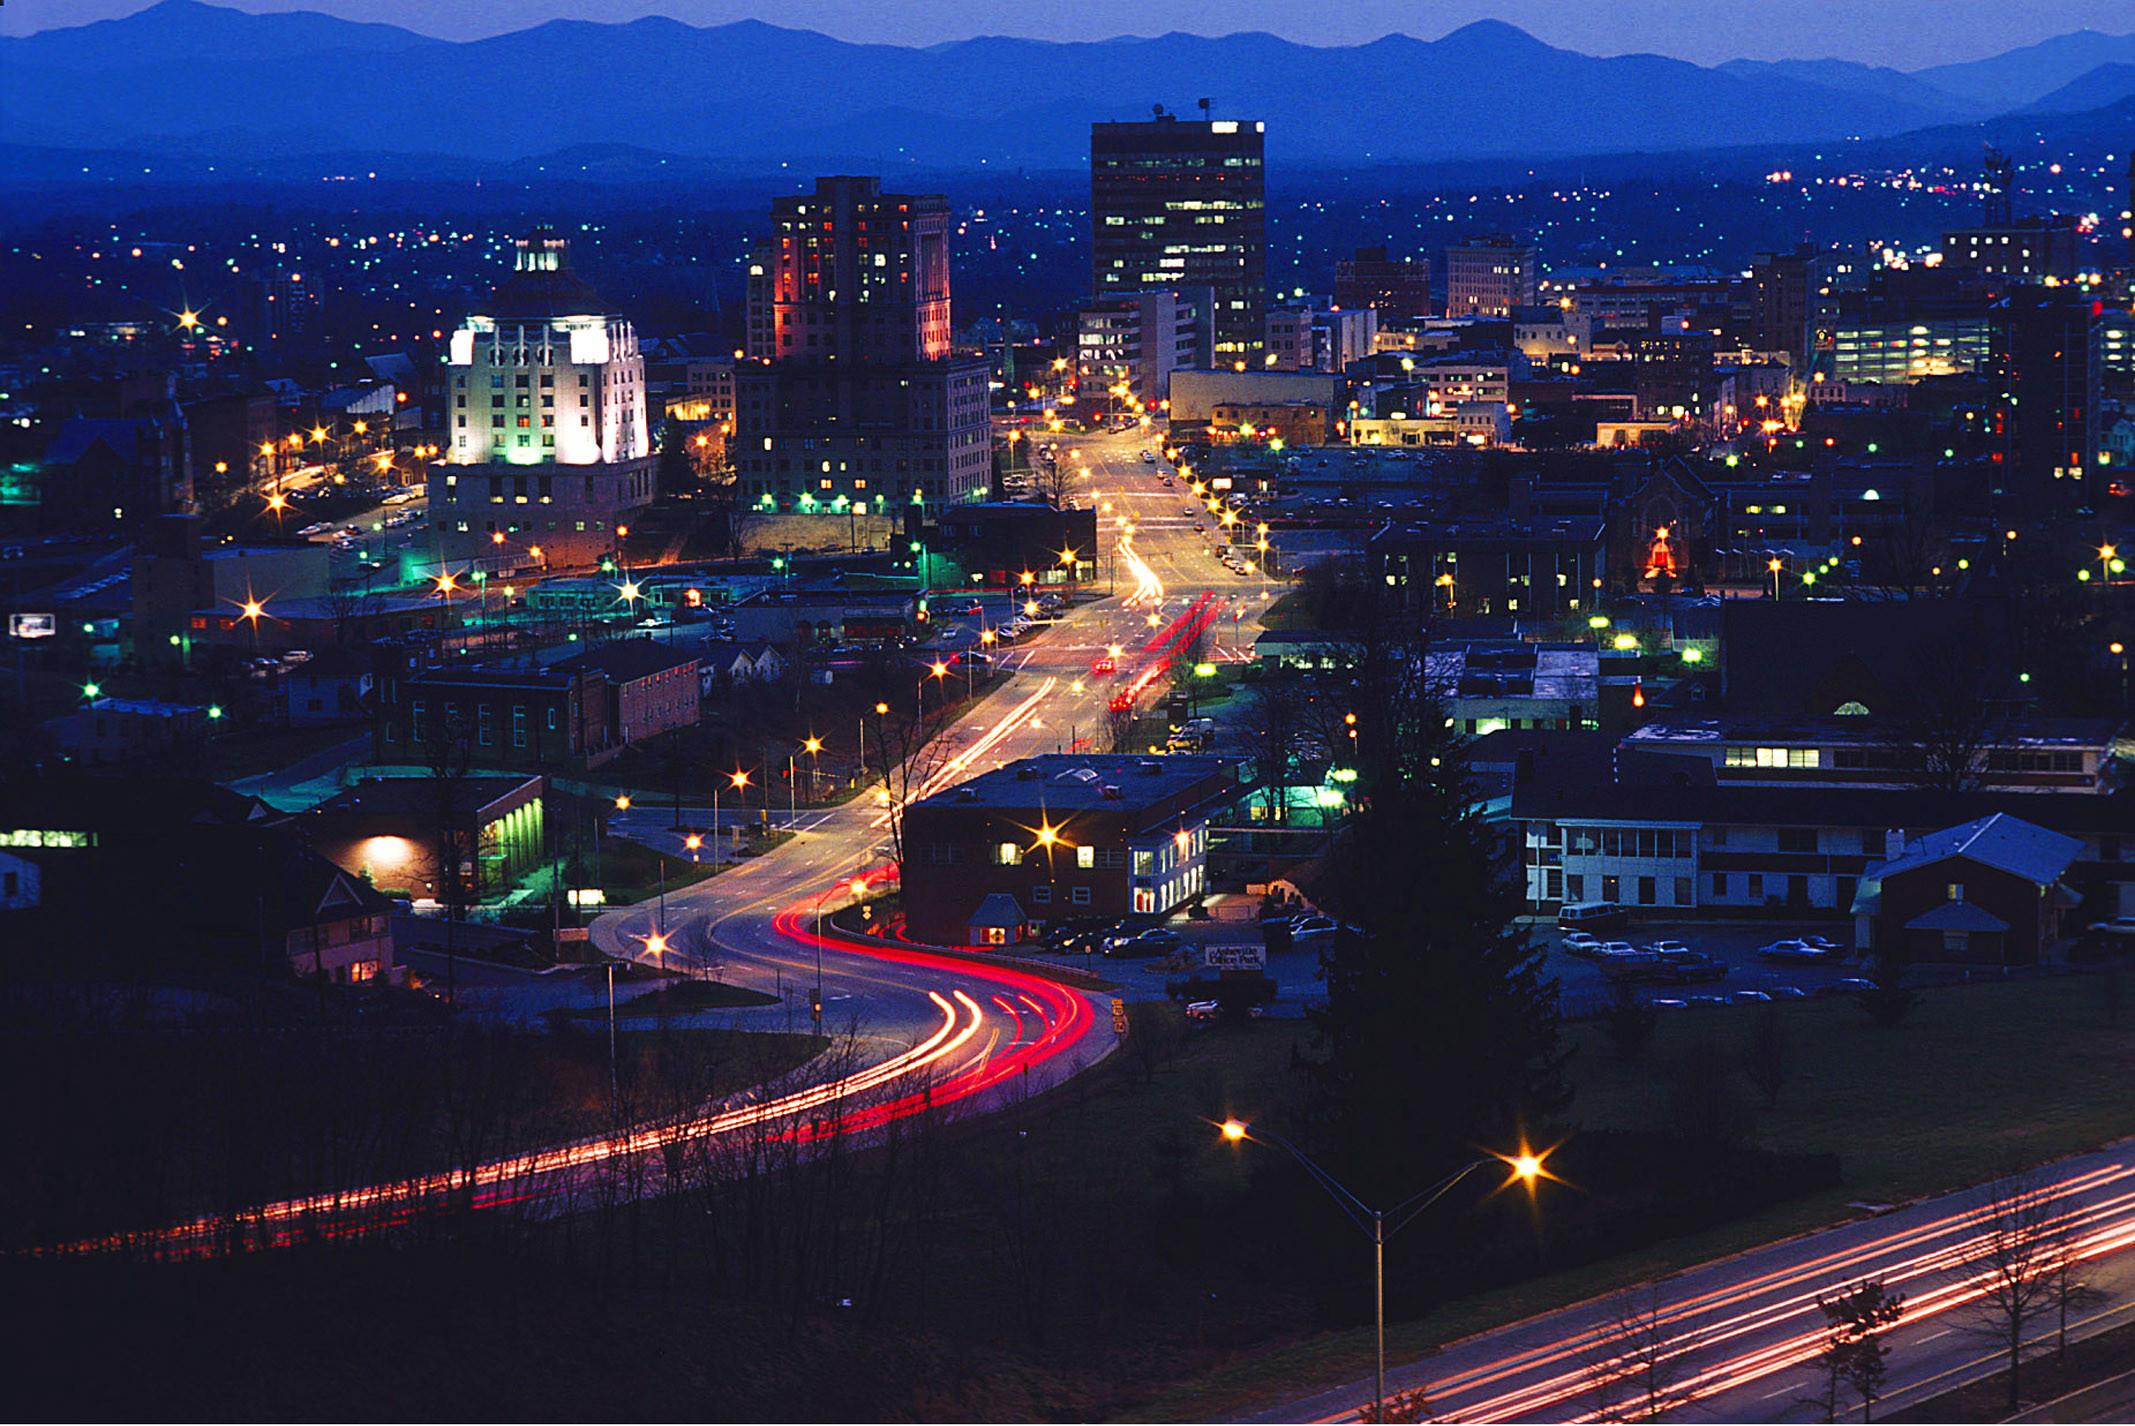 Asheville-Skyline-Aerial-View-from-Afar1.jpg